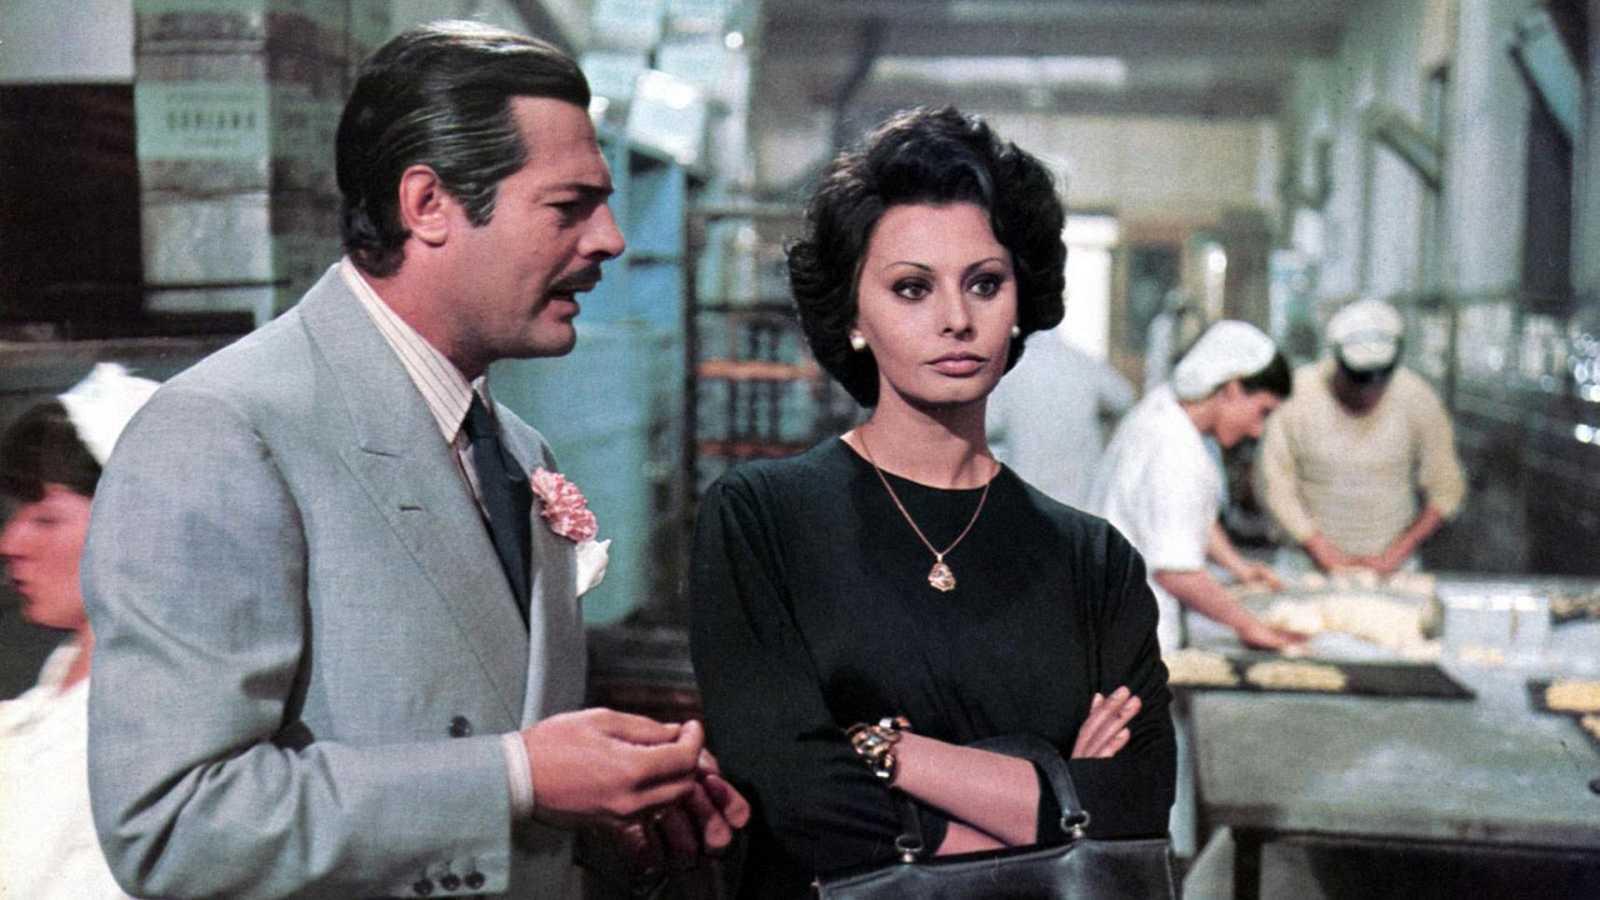 Días de cine clásico - Matrimonio a la italiana - ver ahora